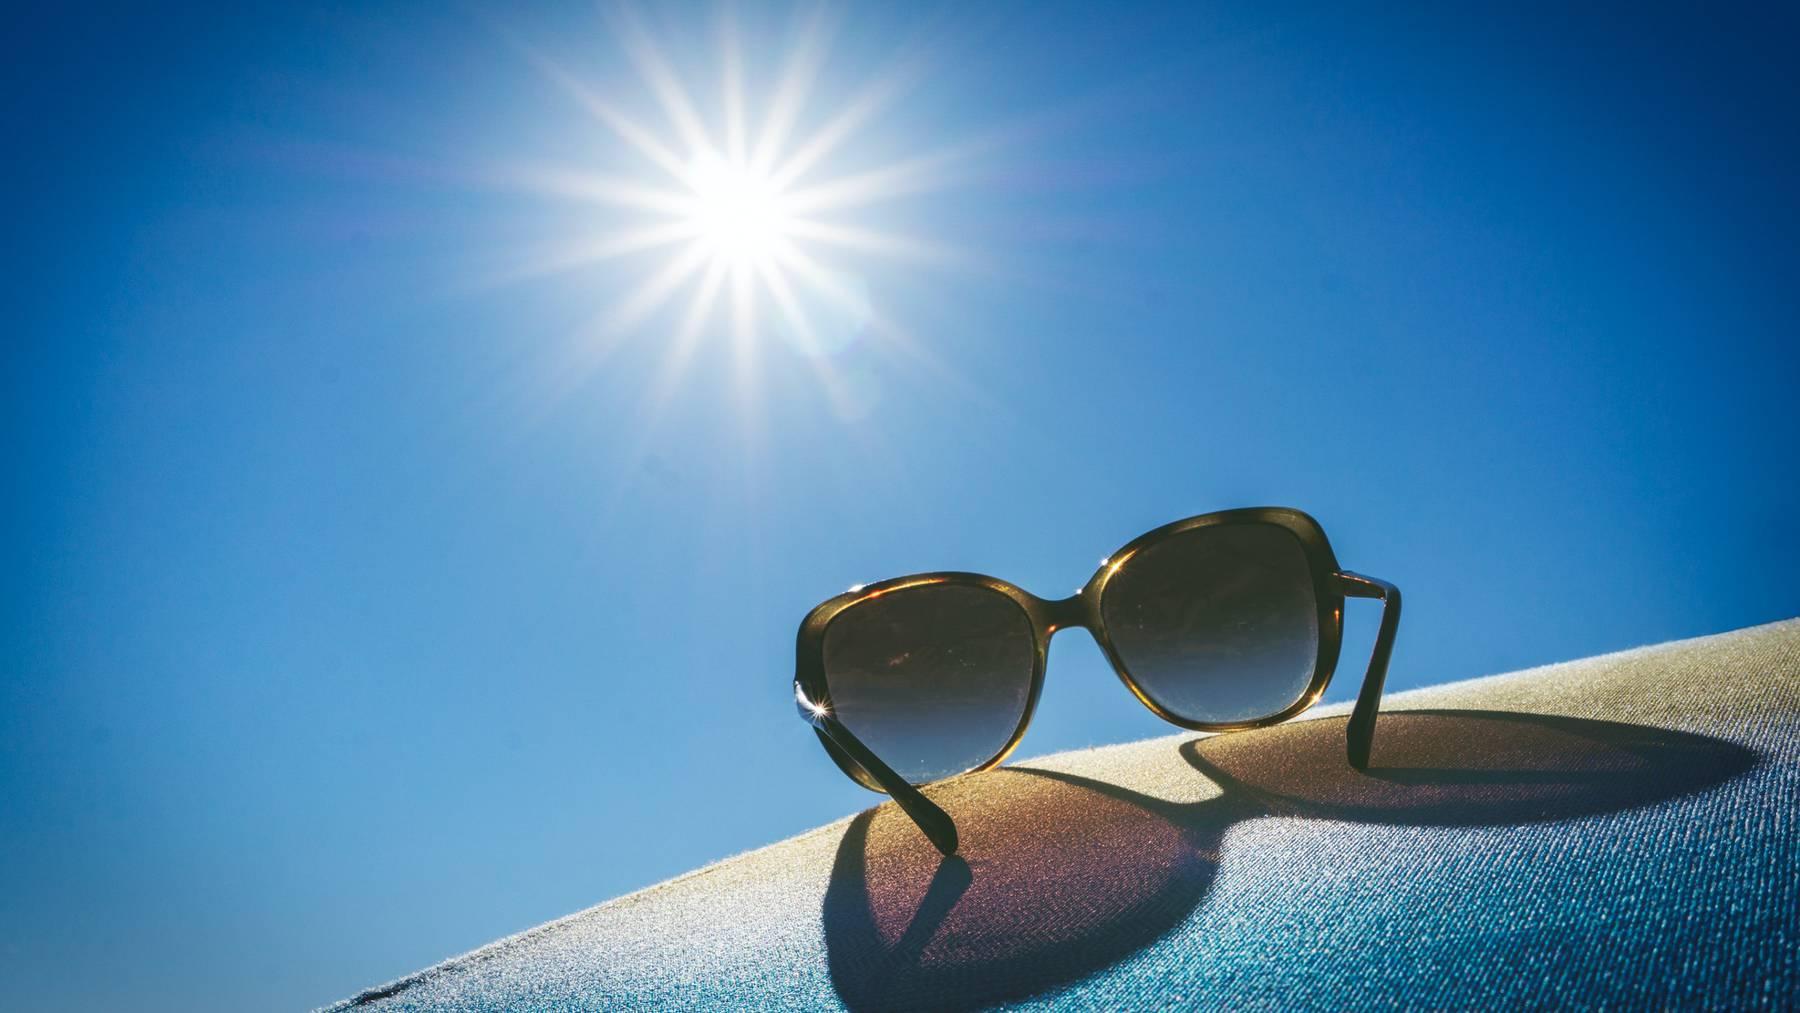 Sommer, Sonne, Sonnenbrille